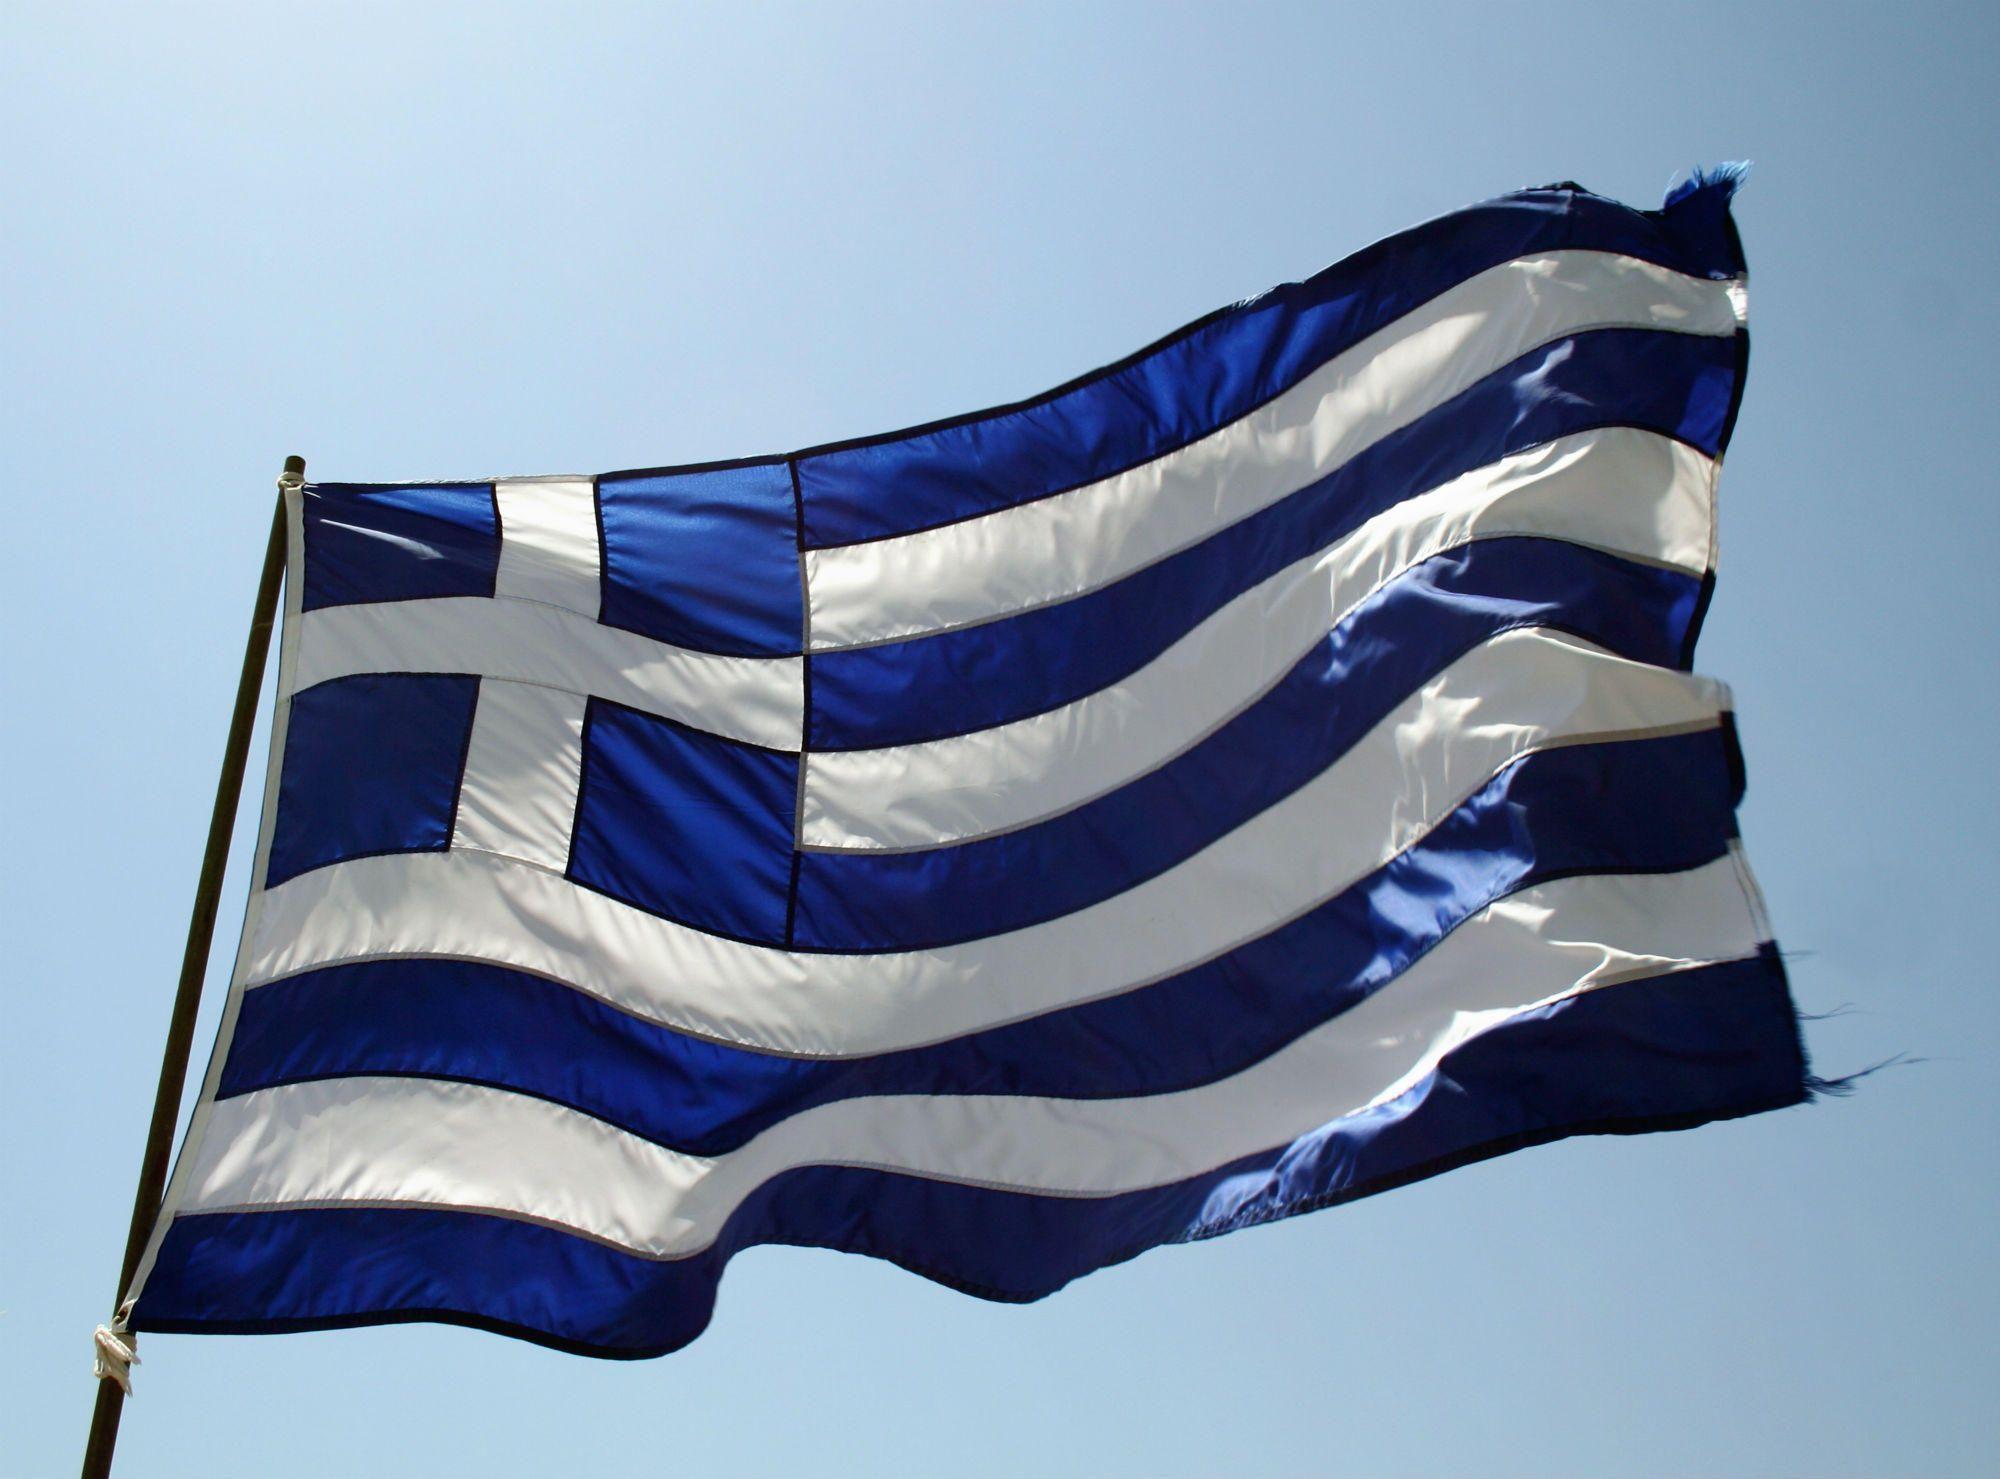 Θέλω μια φωτογραφία... - Σελίδα 13 Greek-flag